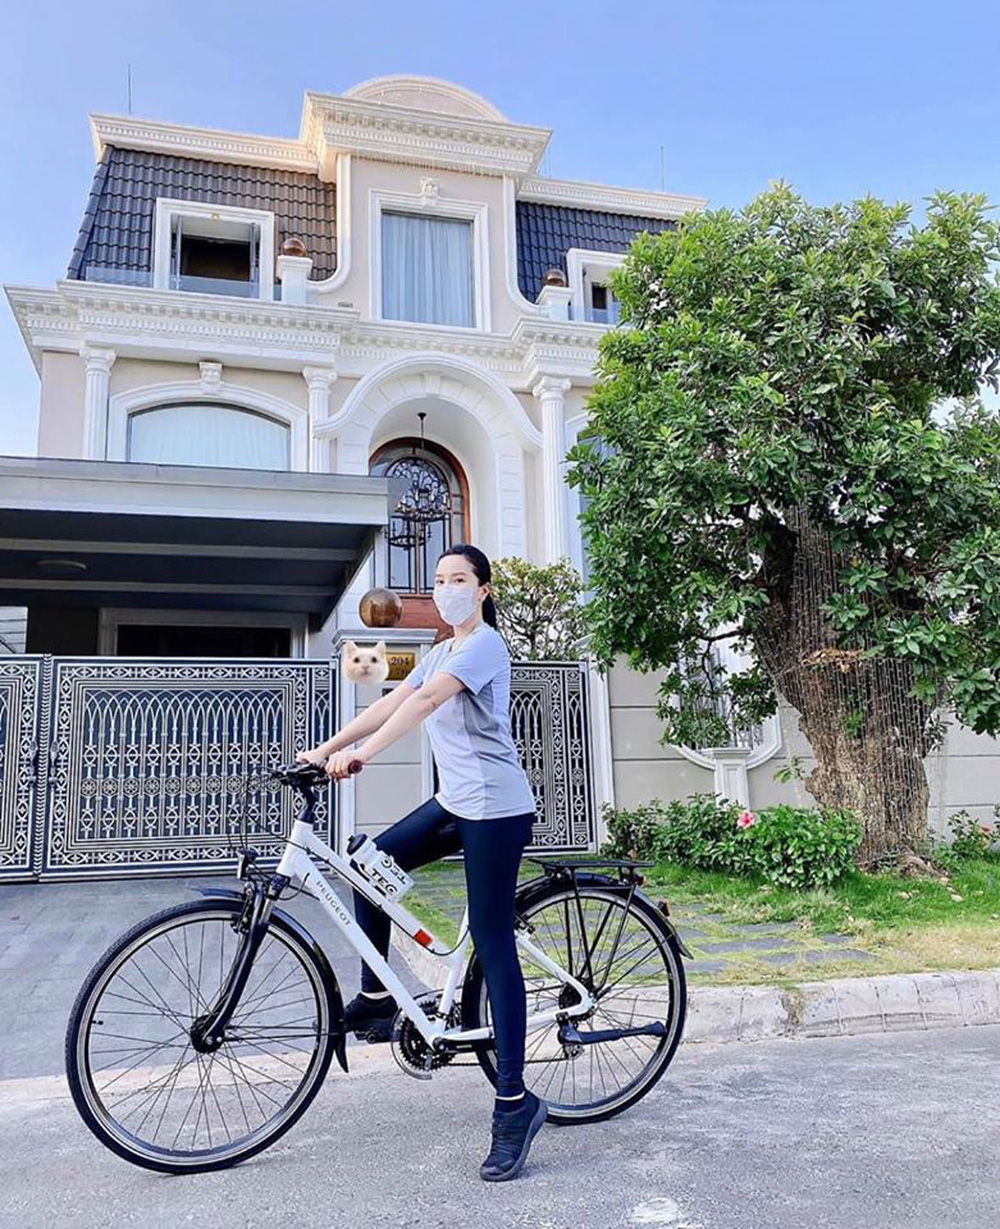 Biệt thự của chồng Bảo Thy cũng hoành tráng không kém nhà vợ - Ảnh 3.